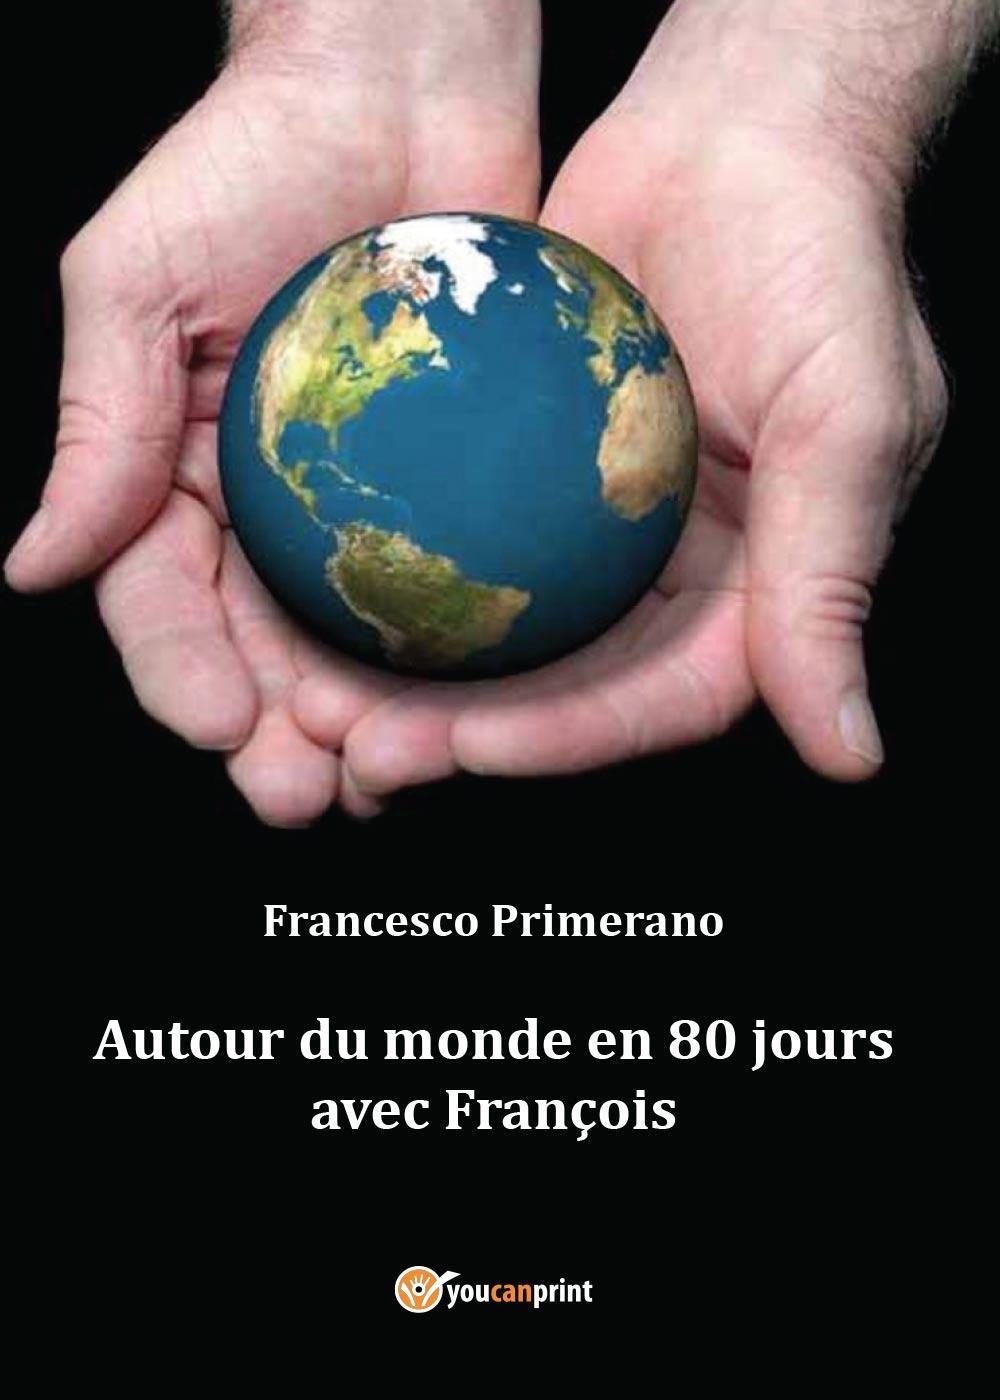 Autour du monde en 80 jours avec François